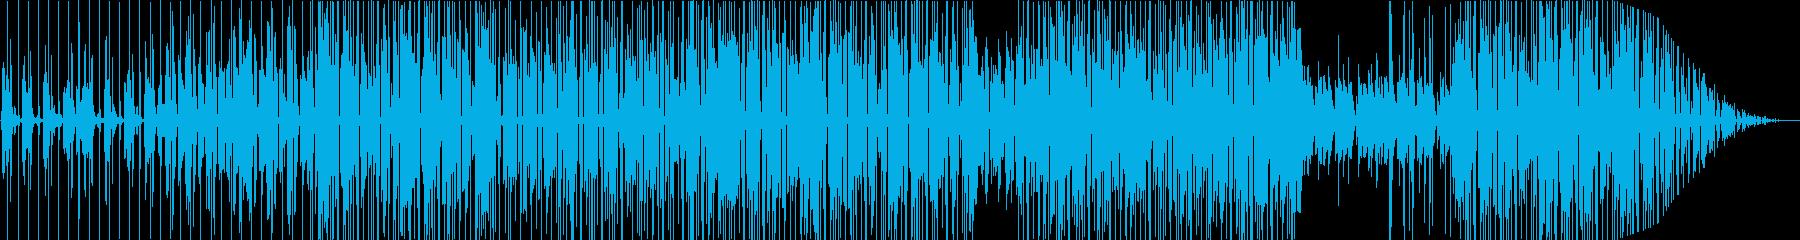 夕暮れの海に合う落ち着いたサーフ曲の再生済みの波形